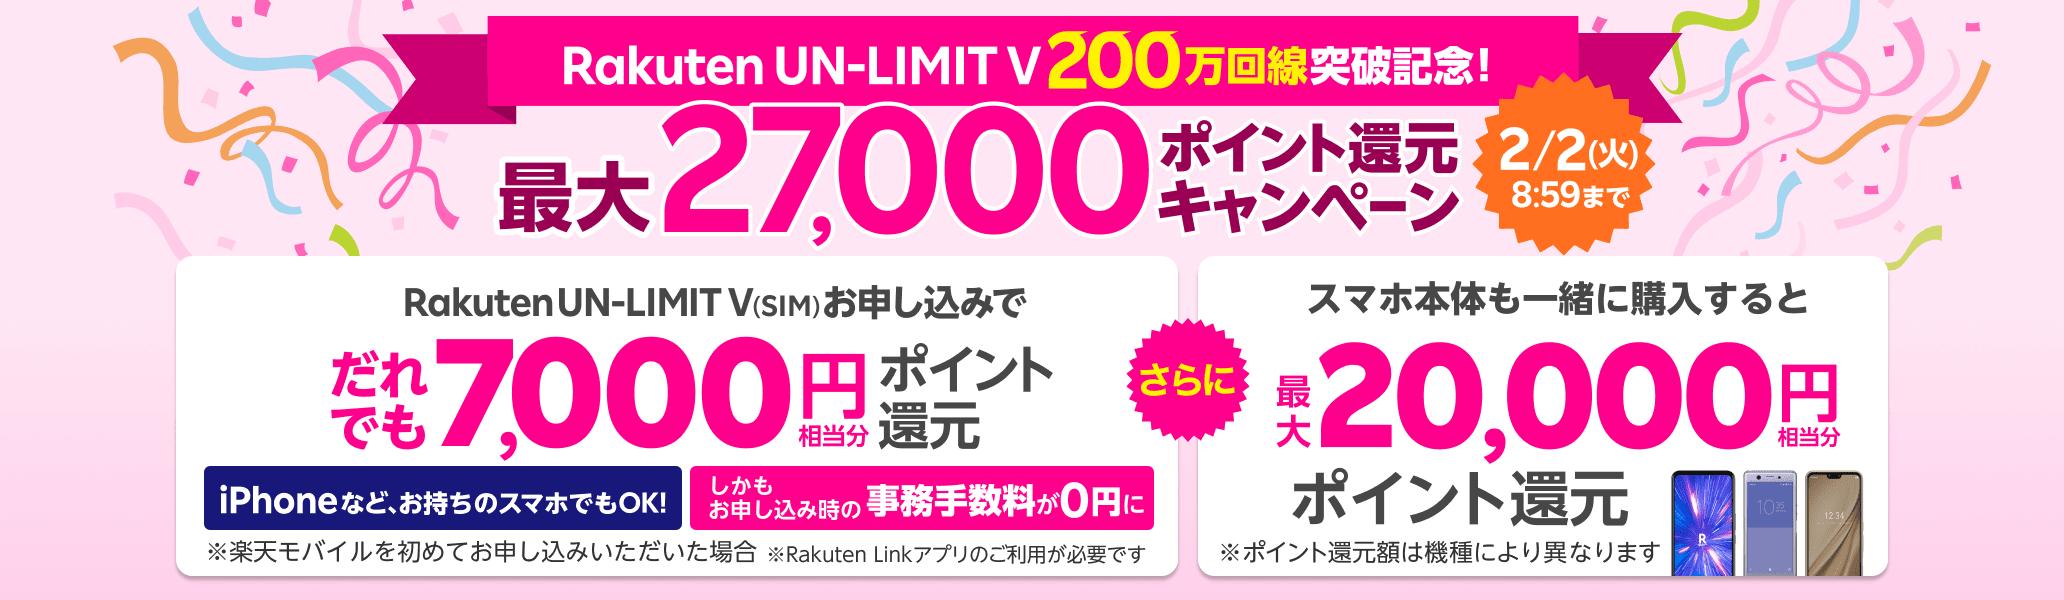 Rakuten UN-LIMIT V 200万回線突破記念!最大27,000ポイント還元キャンペーン 2/2(火)8:59まで Rakuten UN-LIMIT V(SIM)お申し込みで だれでも7,000円相当分ポイント還元 iPhoneなど、お持ちのスマホでもOK! しかもお申し込み時の事務手数料が0円に ※ 楽天モバイルを初めてお申し込みいただいた場合 ※ Rakuten Linkアプリのご利用が必要です さらに スマホ本体も一緒に購入すると 最大20,000円相当分ポイント還元 ※ポイント還元額は機種により異なります